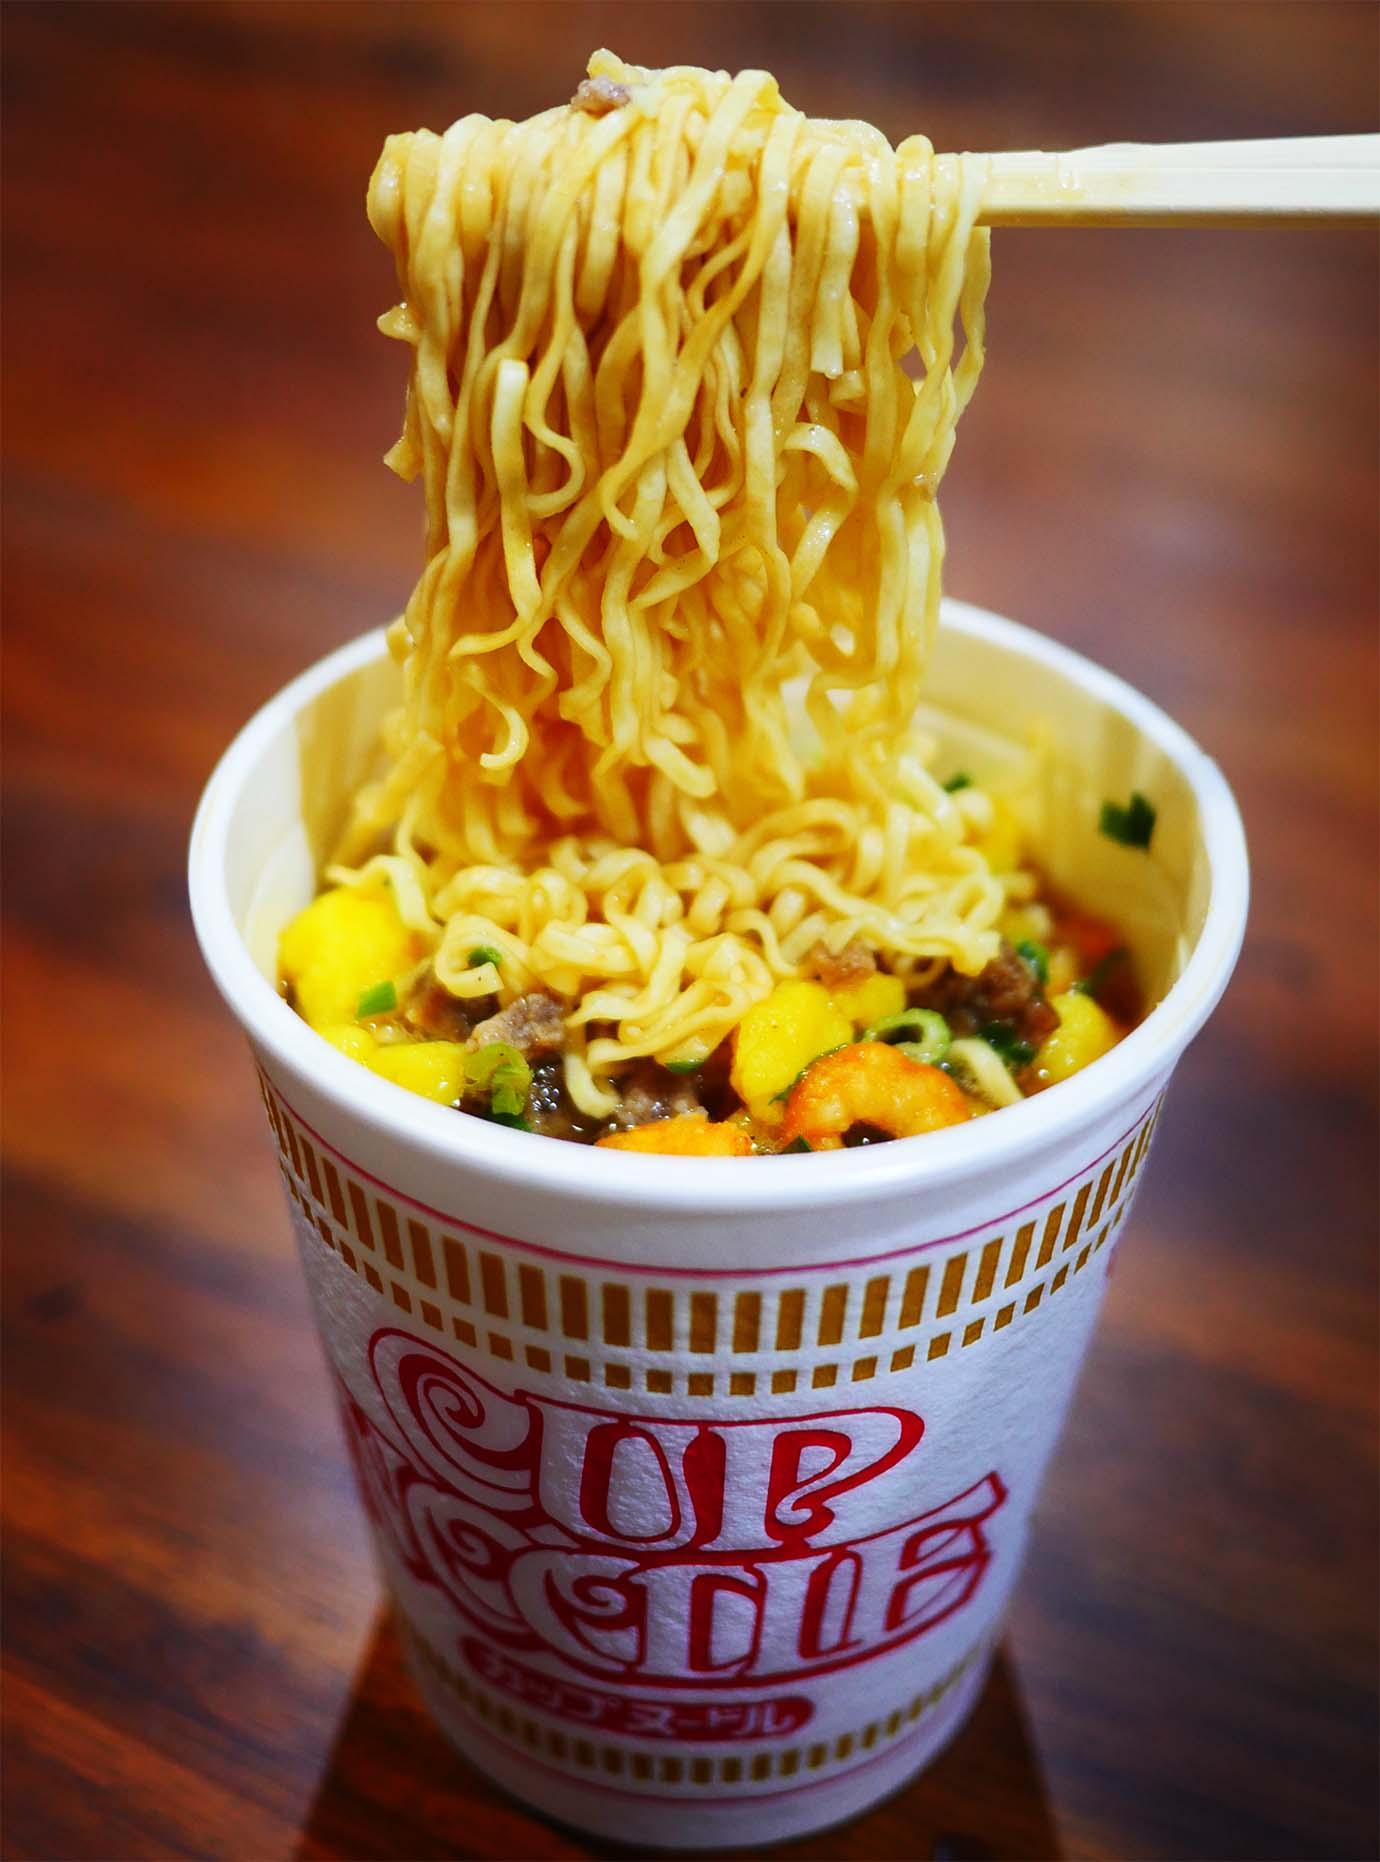 cup-noodles-chawanmushi-news6